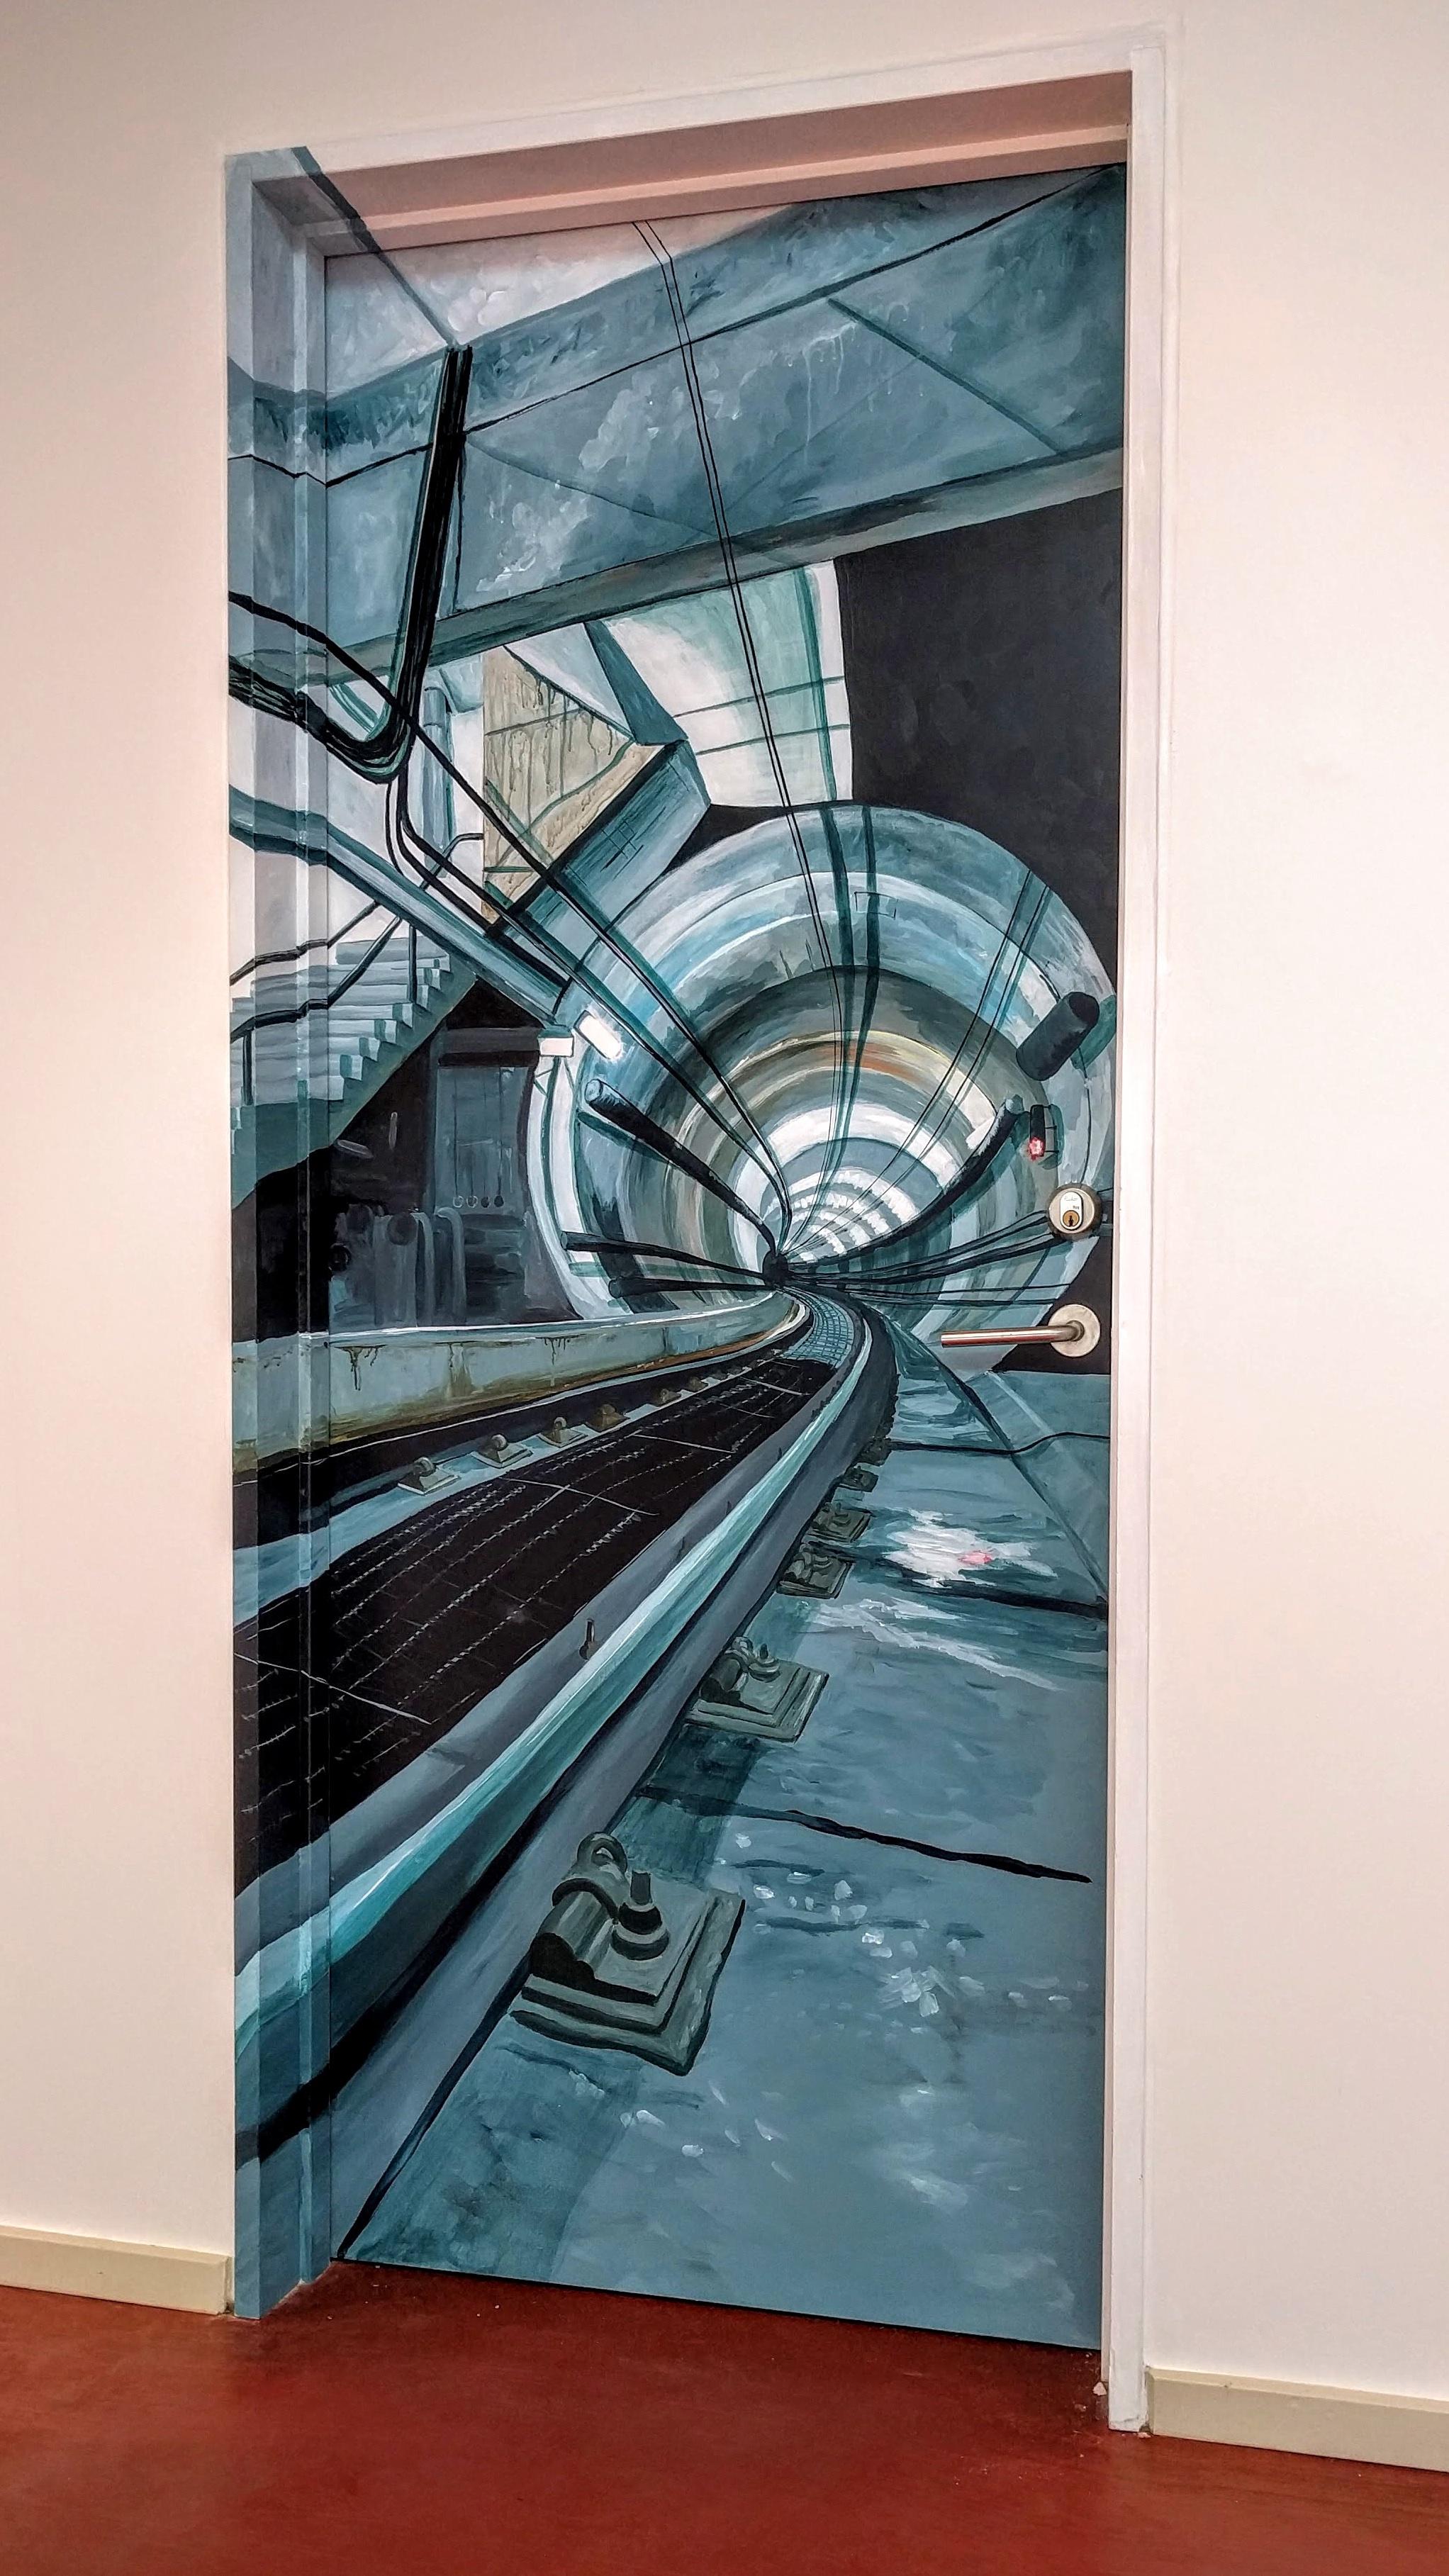 Dørmaleri af undergrundsbane - det endelige resultat